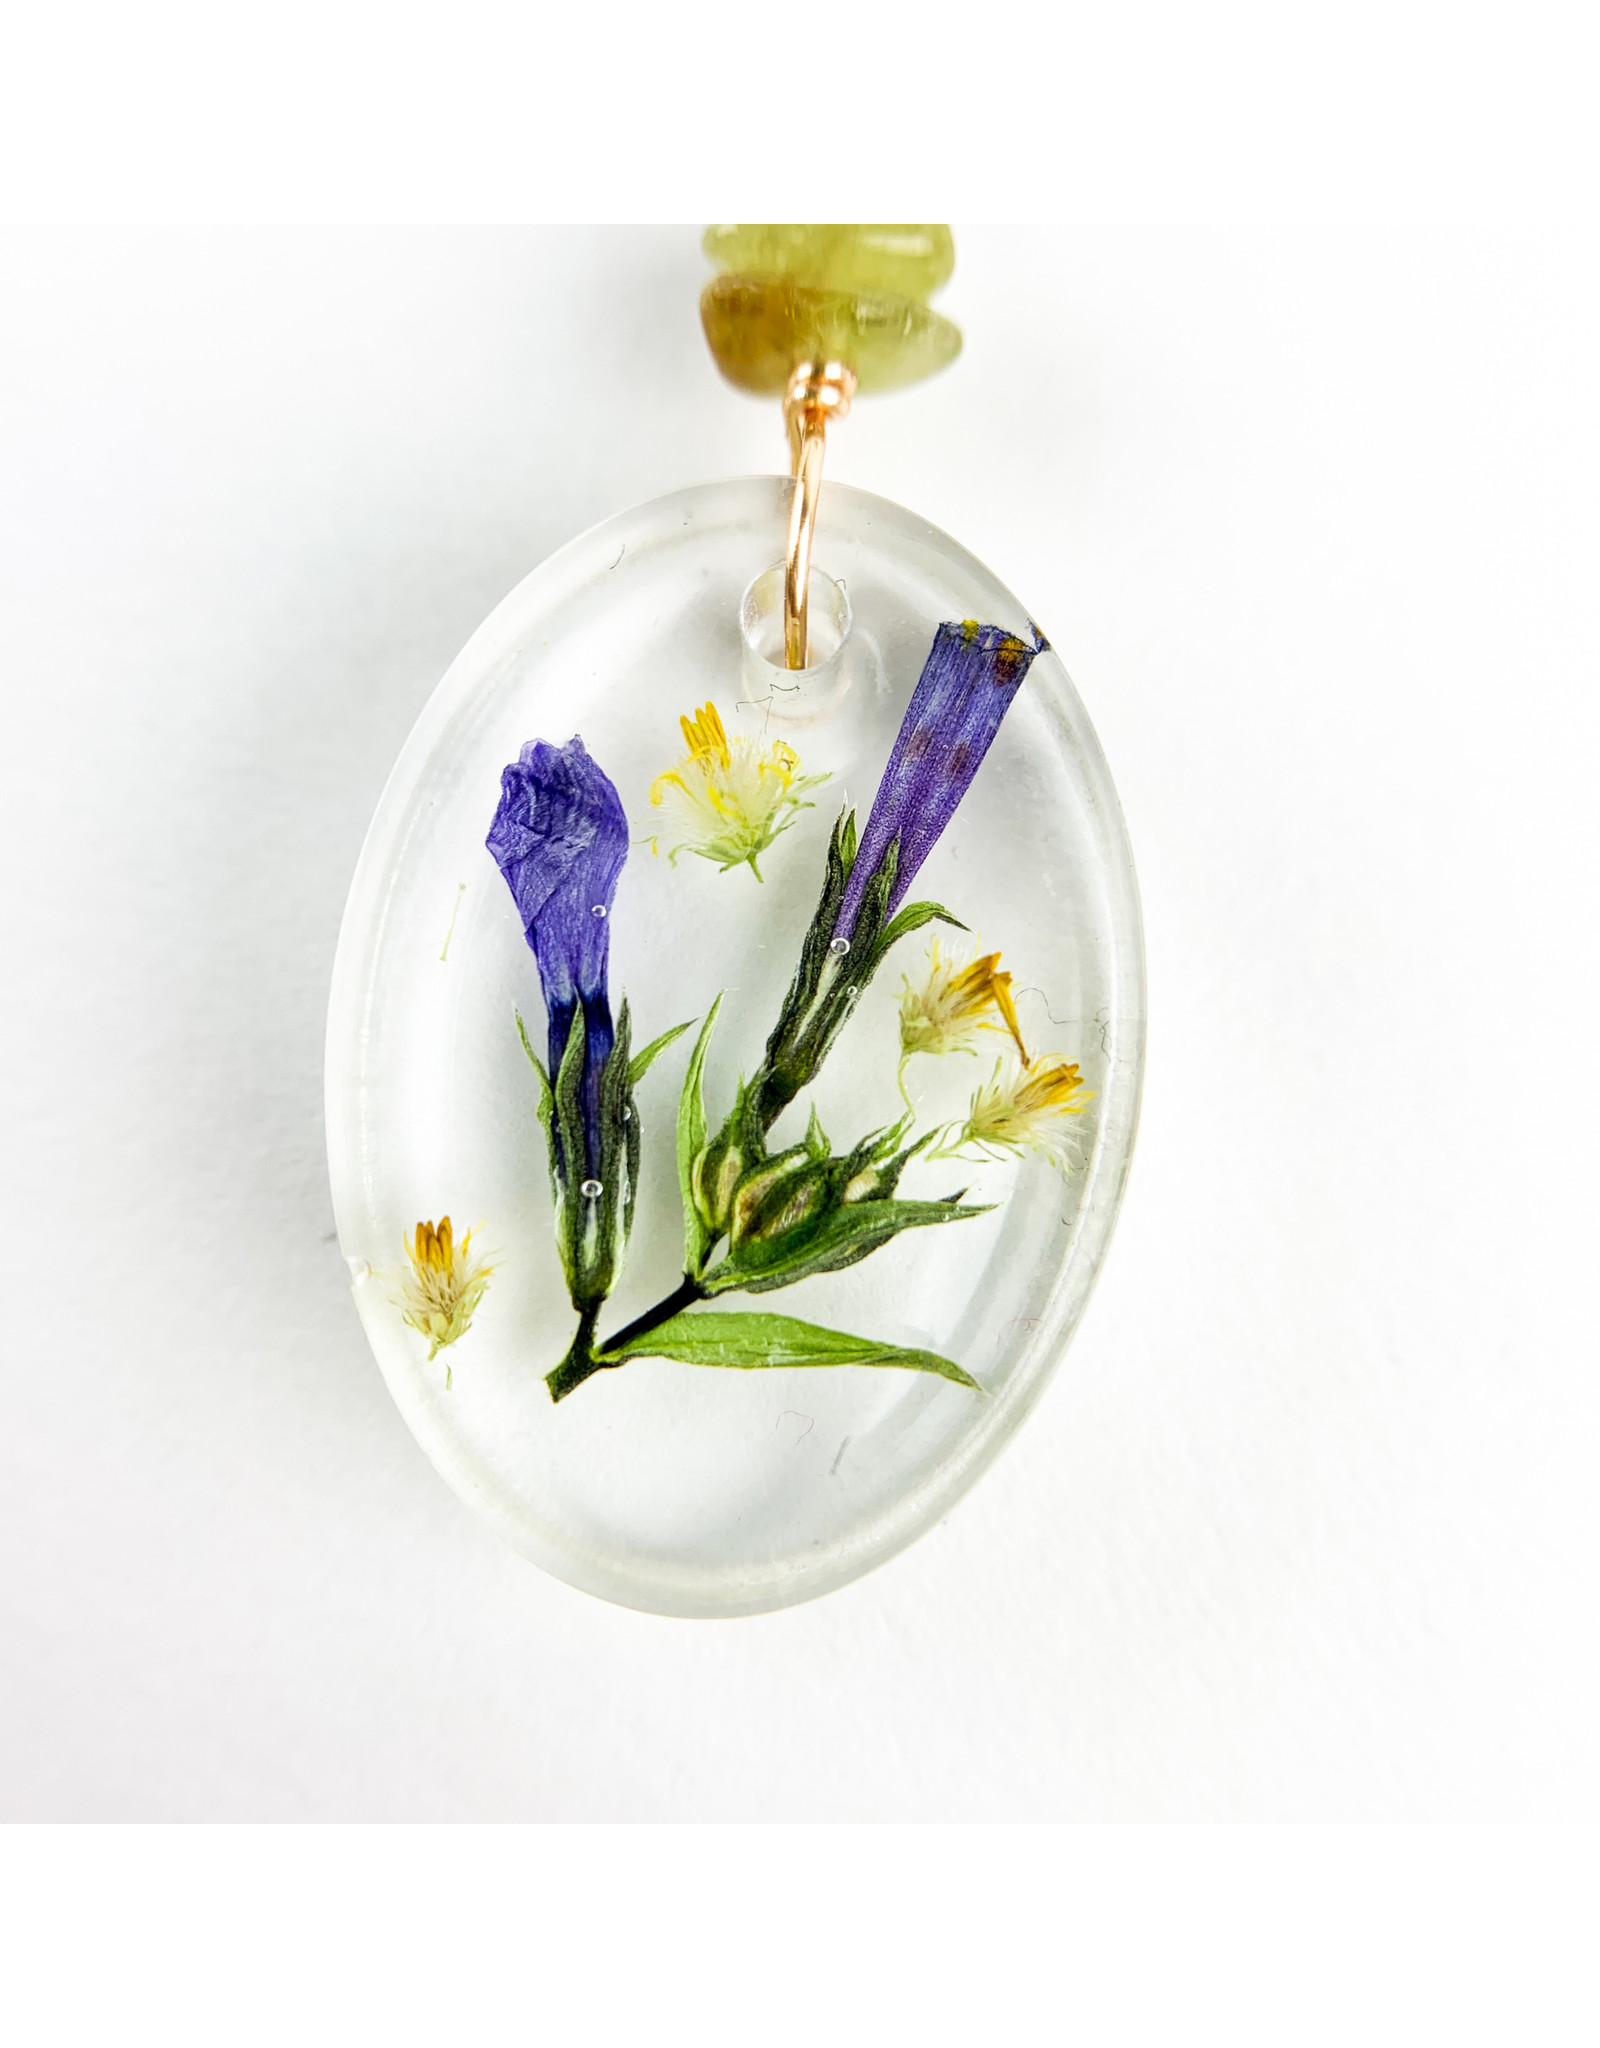 Fovea Works Consignment Artist FW46 Moss Phlox Ovals Gold Filled Garnet